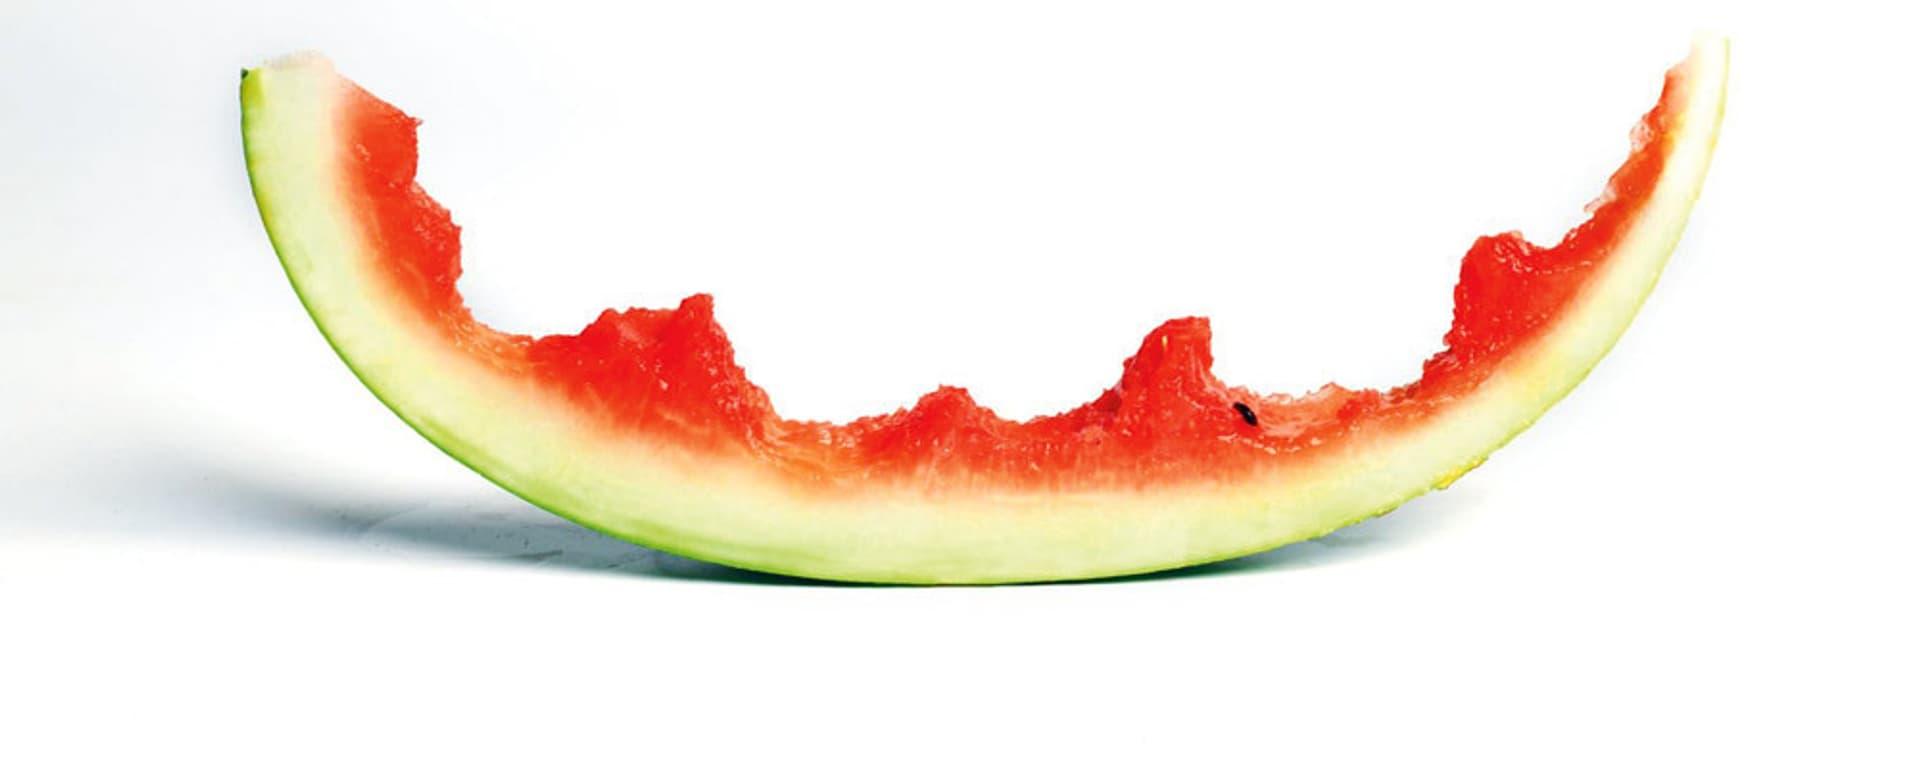 ein Stück angebissene Wassermelone